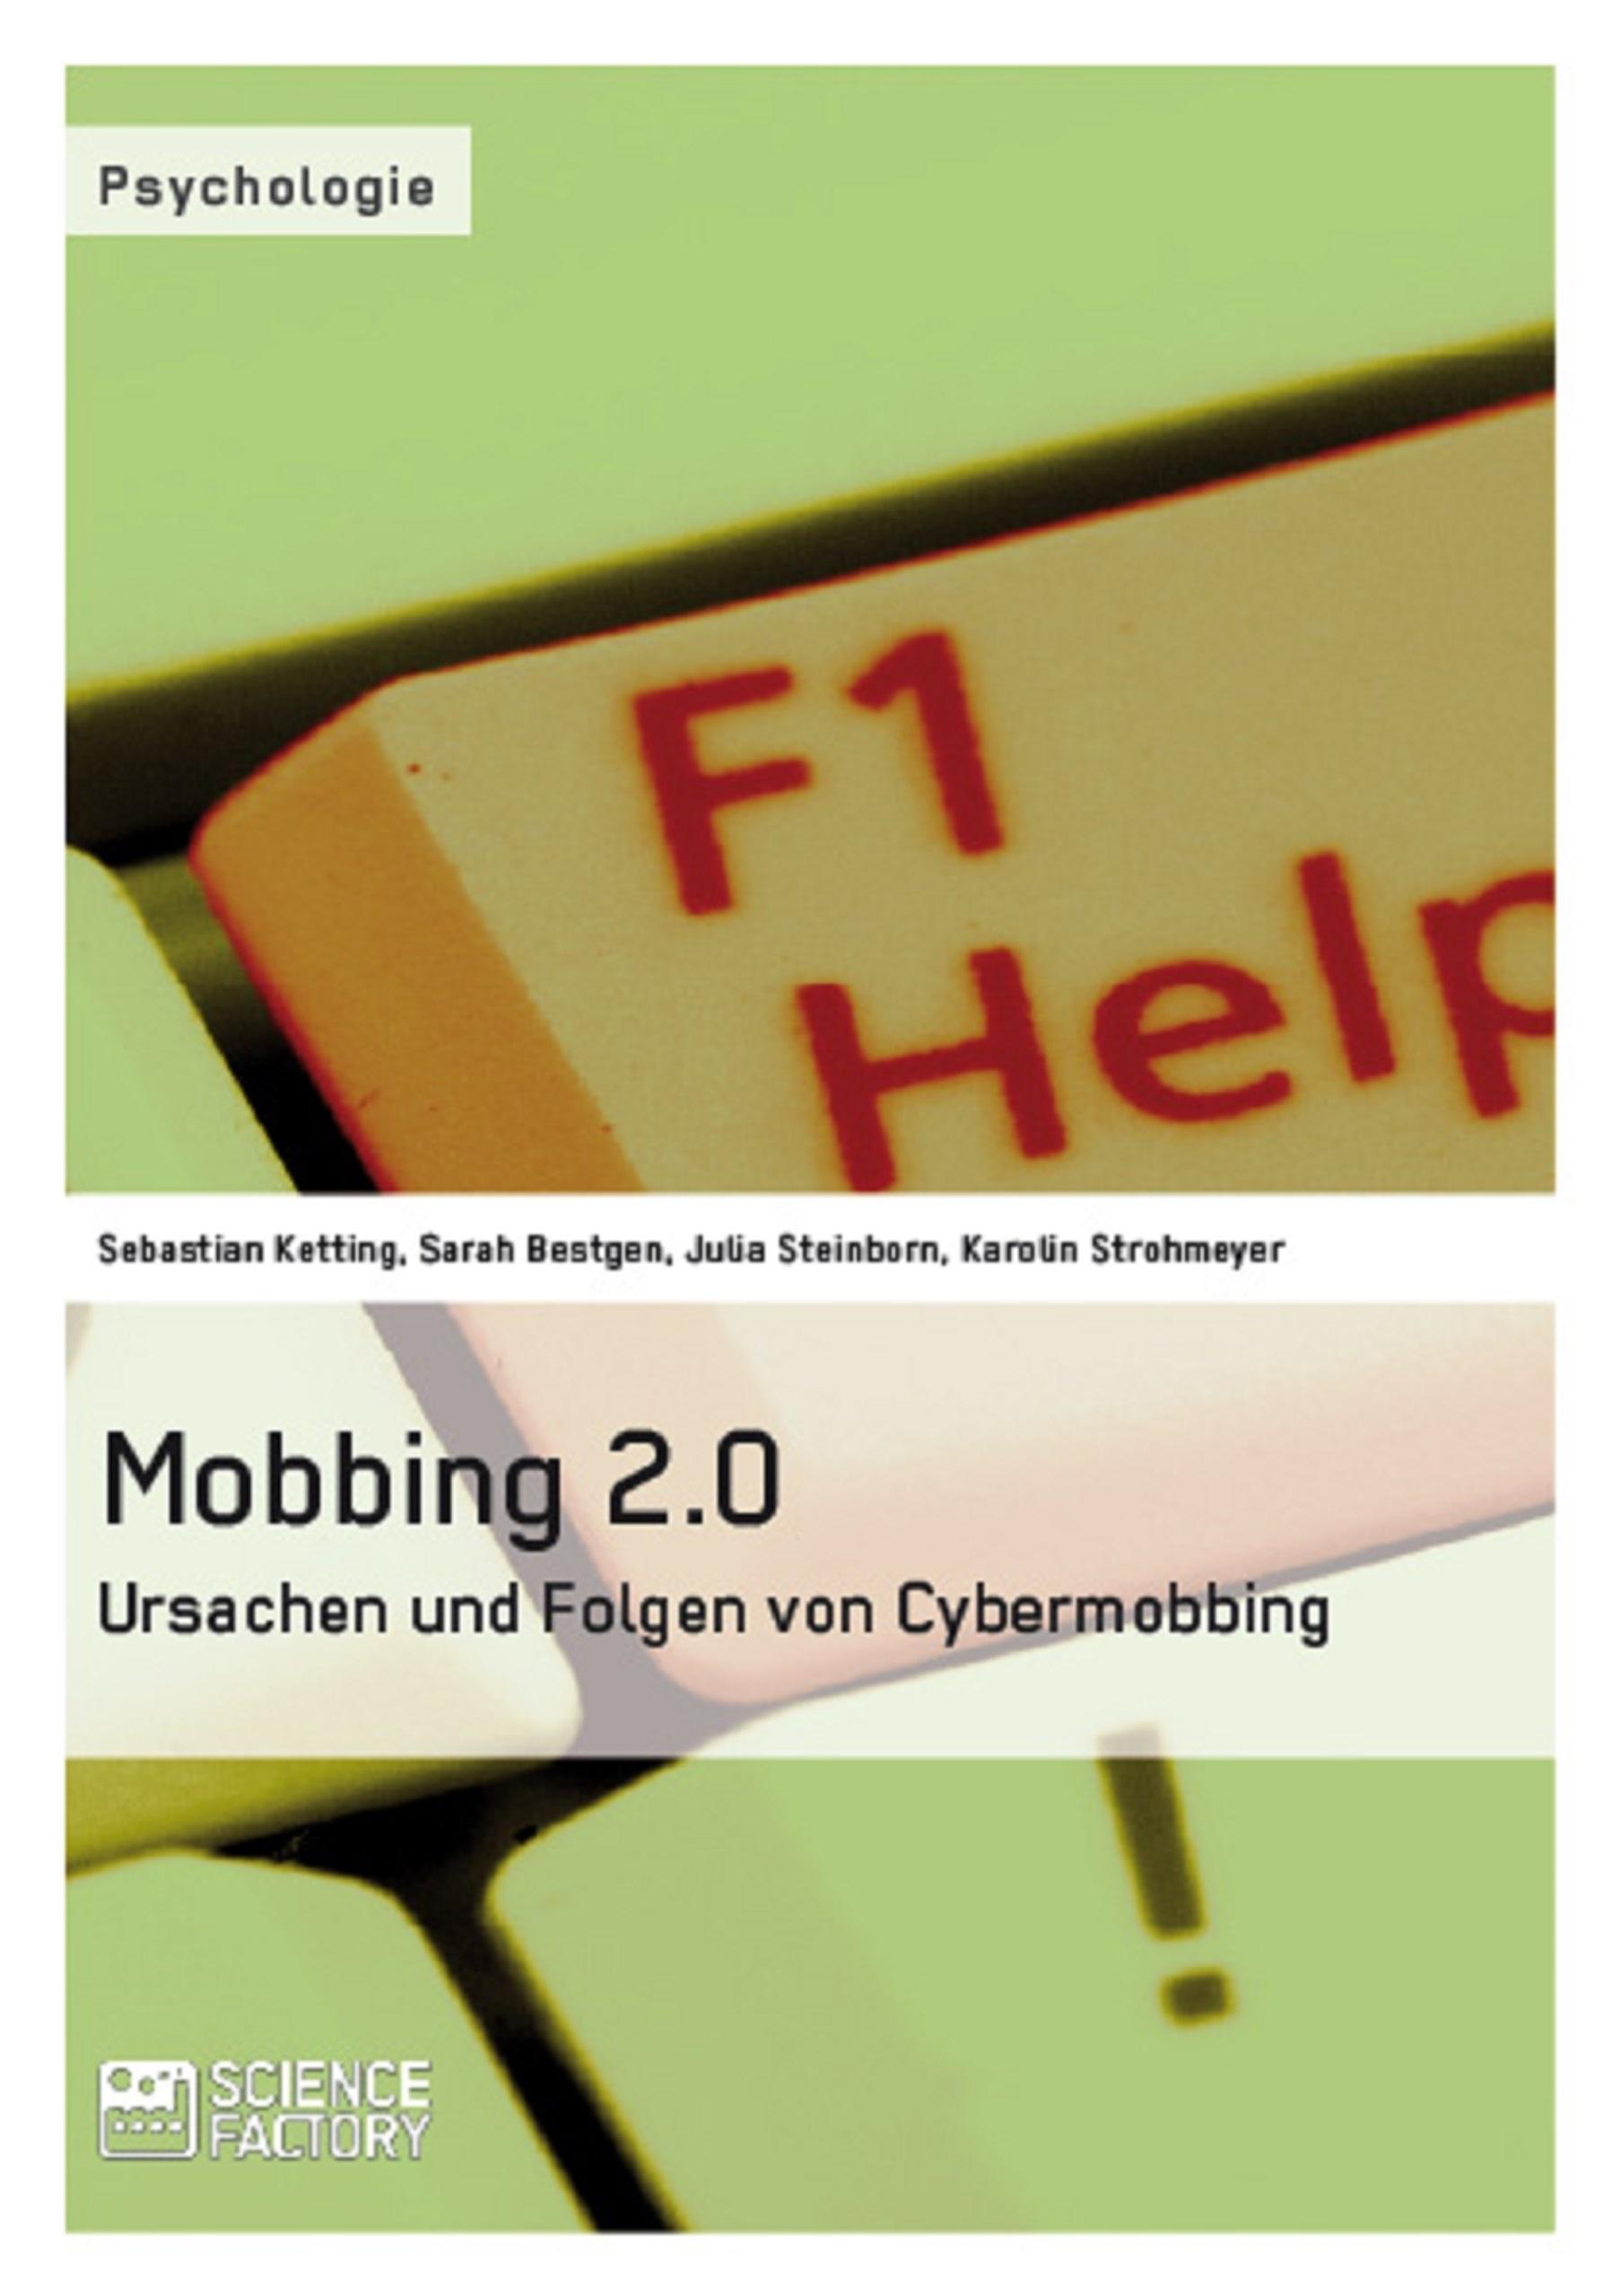 Titel: Mobbing 2.0 – Ursachen und Folgen von Cybermobbing